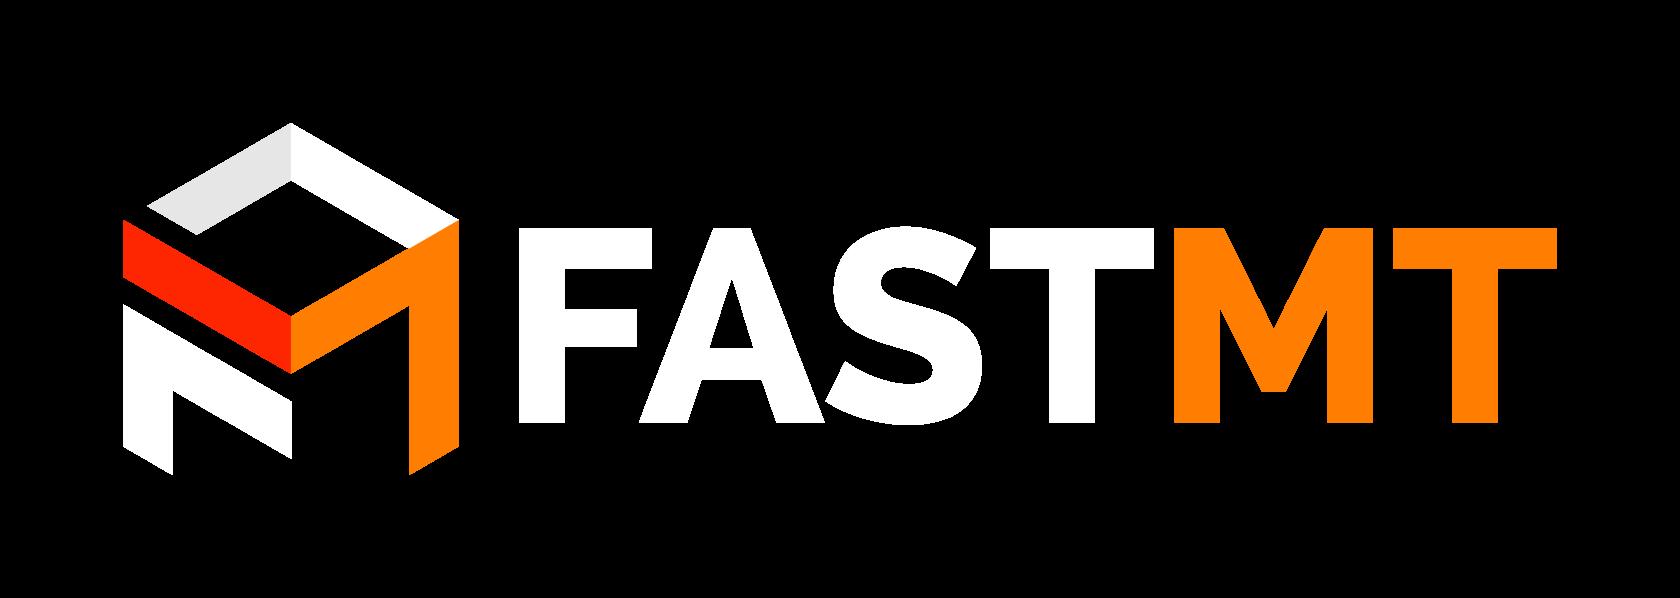 FastMT